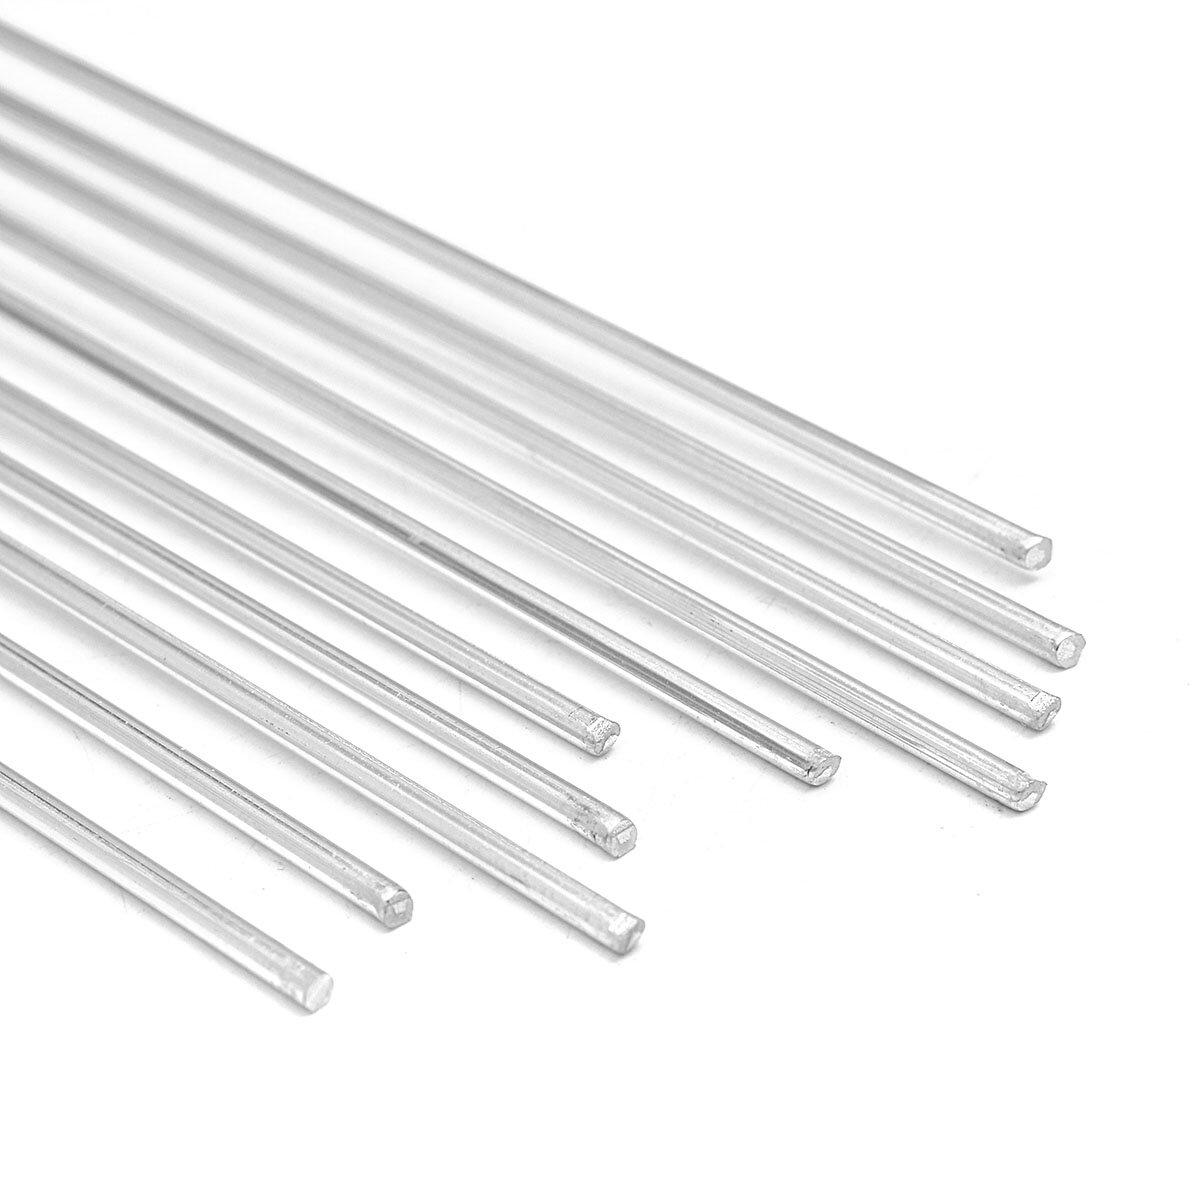 10個2mm直径35cm 13.8インチアルミニウム溶接棒ワイヤー電極